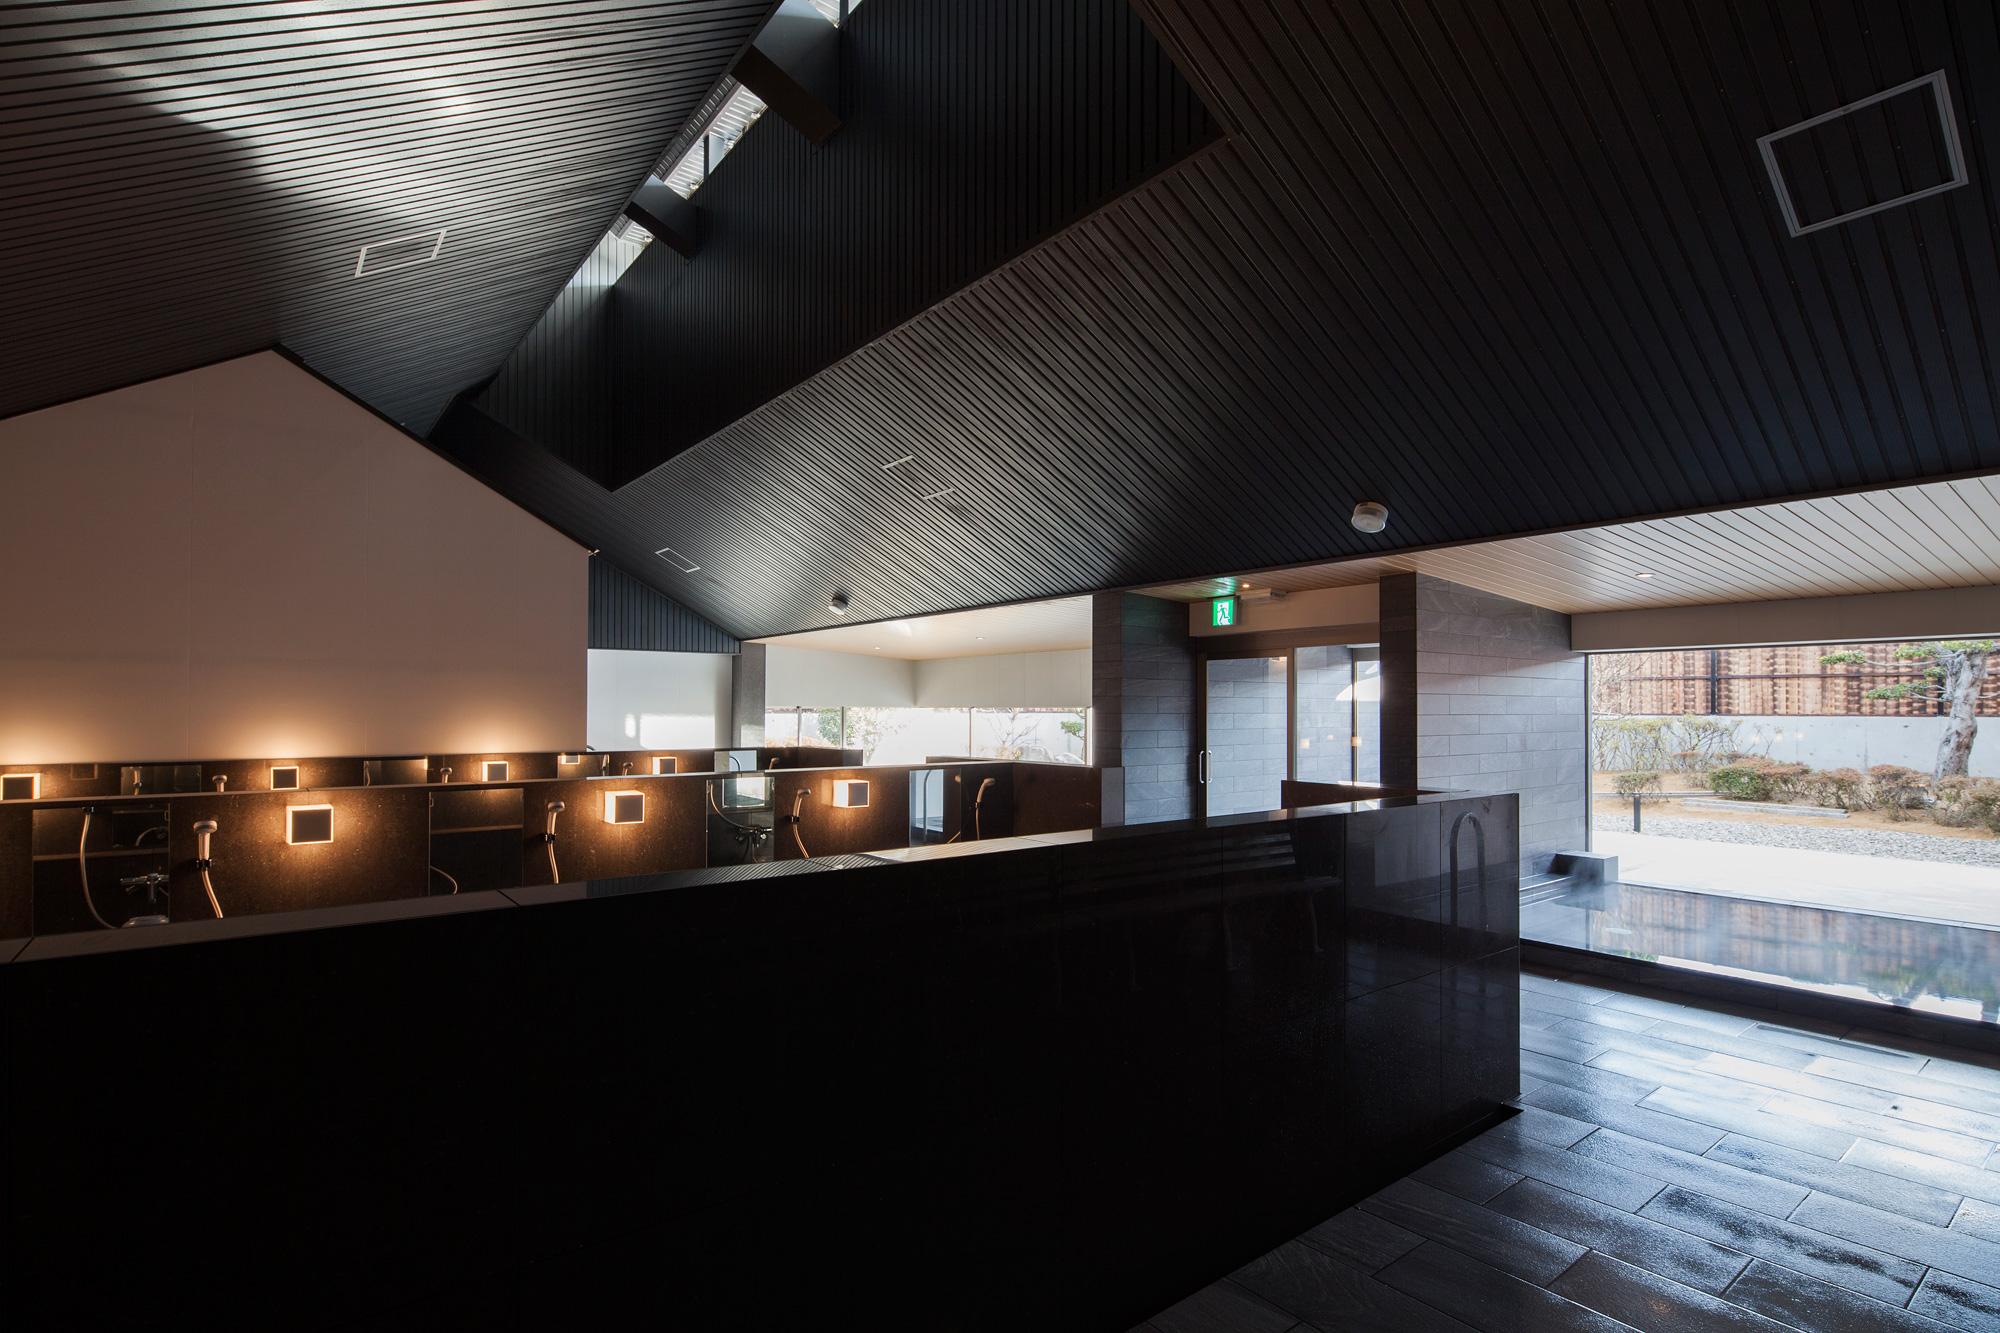 内部空間: 内湯部分と洗い場部分で天井高を変えて空間の質を変化させています